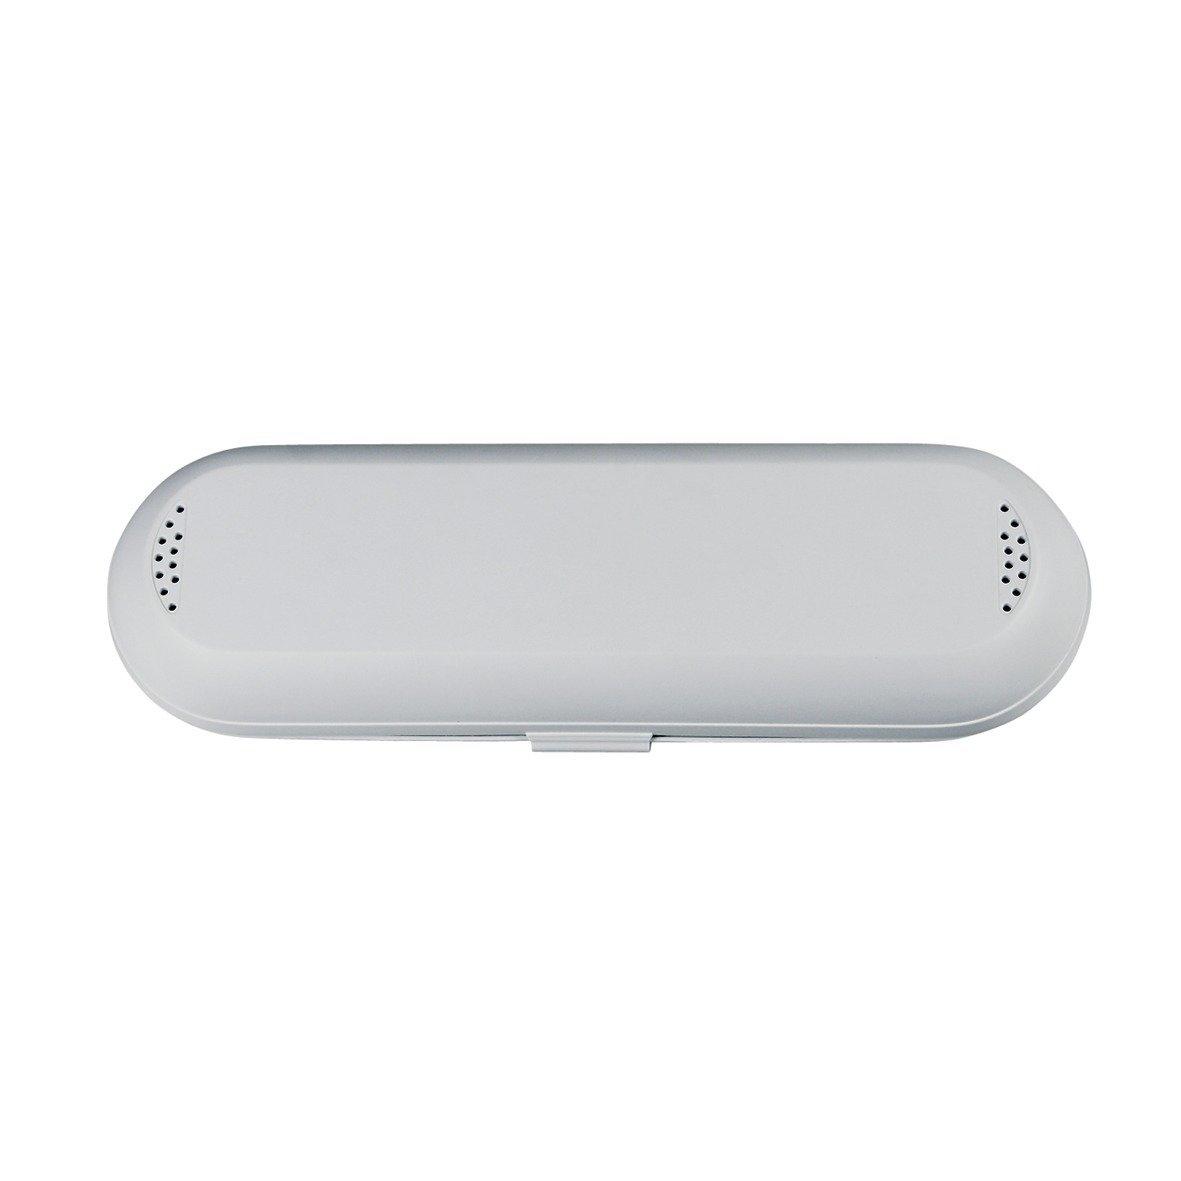 Behälter für Elektrozahnbürste weiß Philips Electronics 423502070801 ORIGINAL